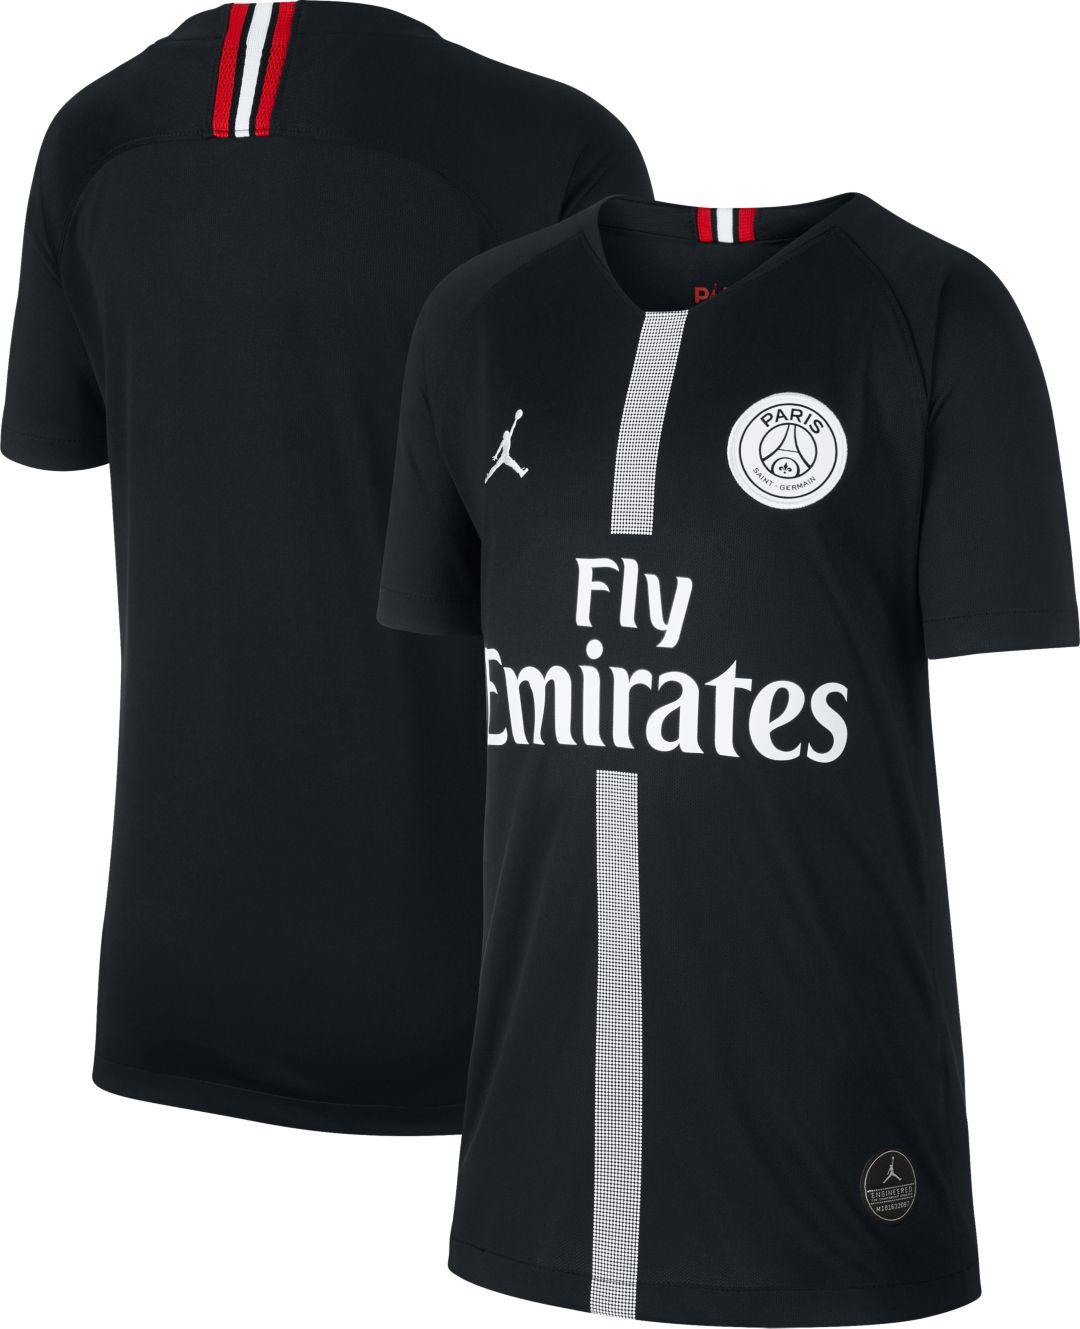 03f2ec4079fbc Jordan Youth Paris Saint-Germain 18/19 Breathe Stadium Black Third Replica  Jeresy 1